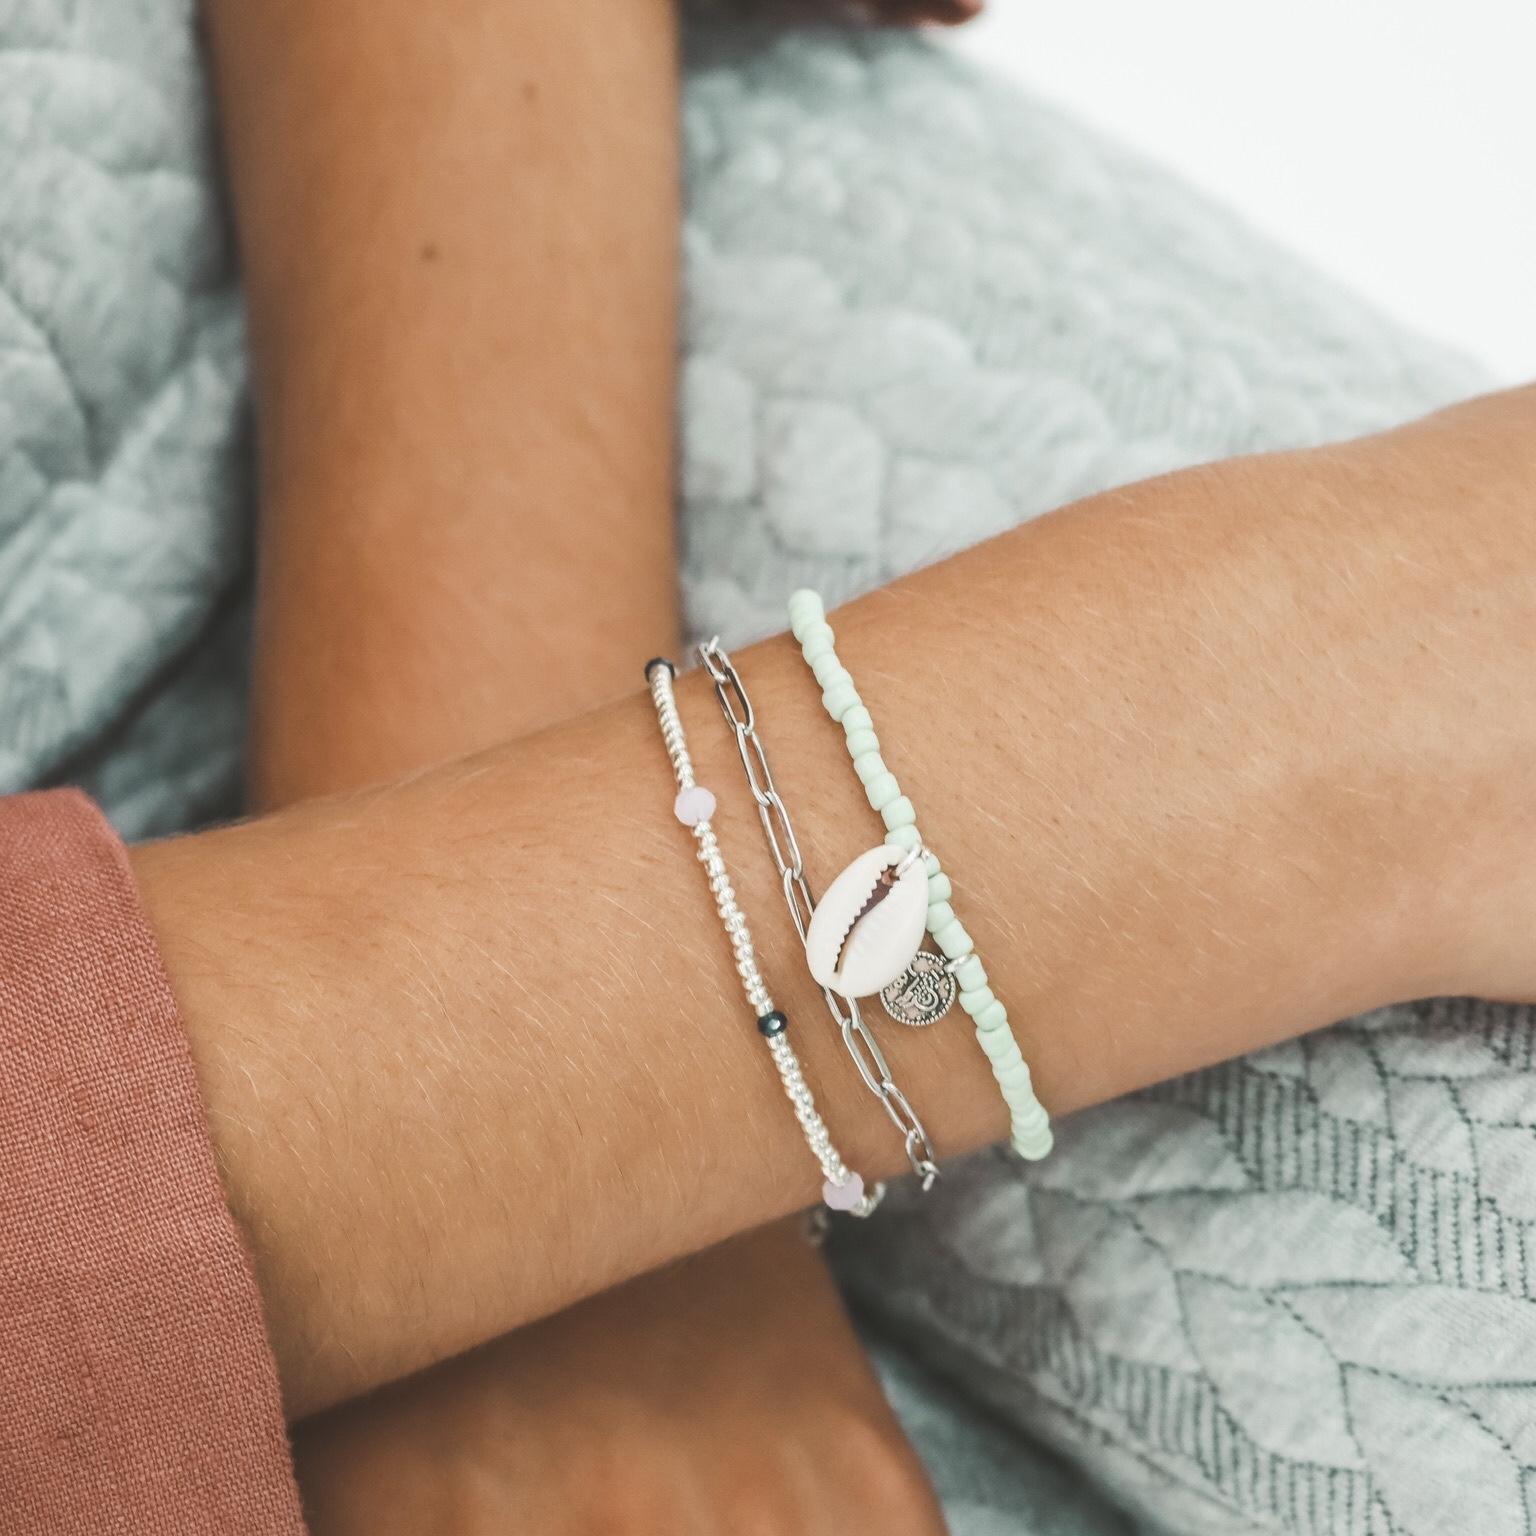 Link chain bracelet silver